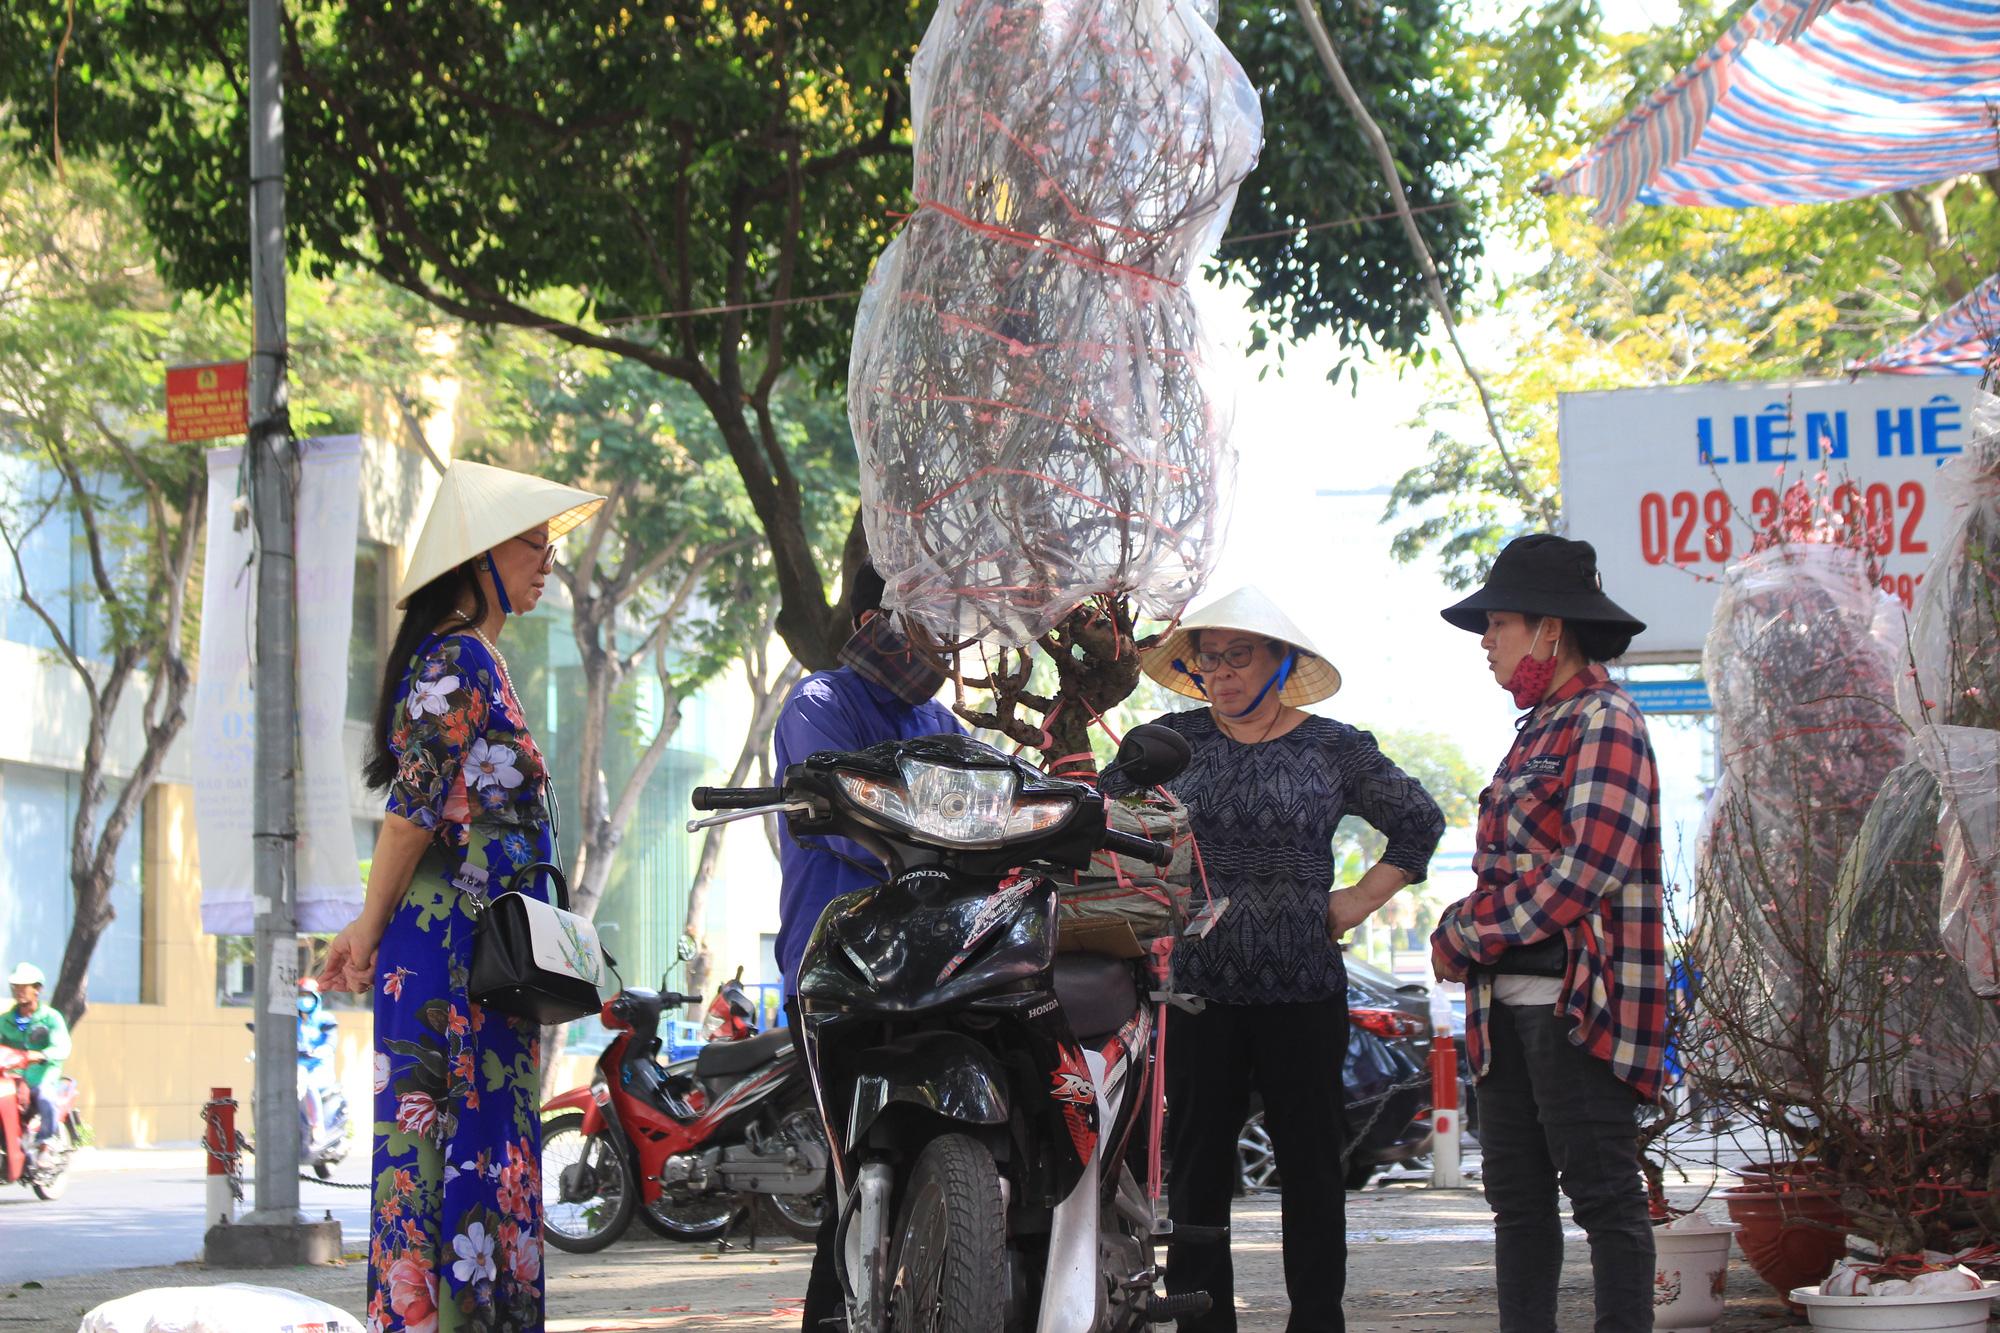 Mai, đào, tắc tiền triệu tại chợ hoa Sài Gòn ngóng người mua, có nhà vườn treo biển đồng giá 100.000 đồng mỗi chậu - Ảnh 6.